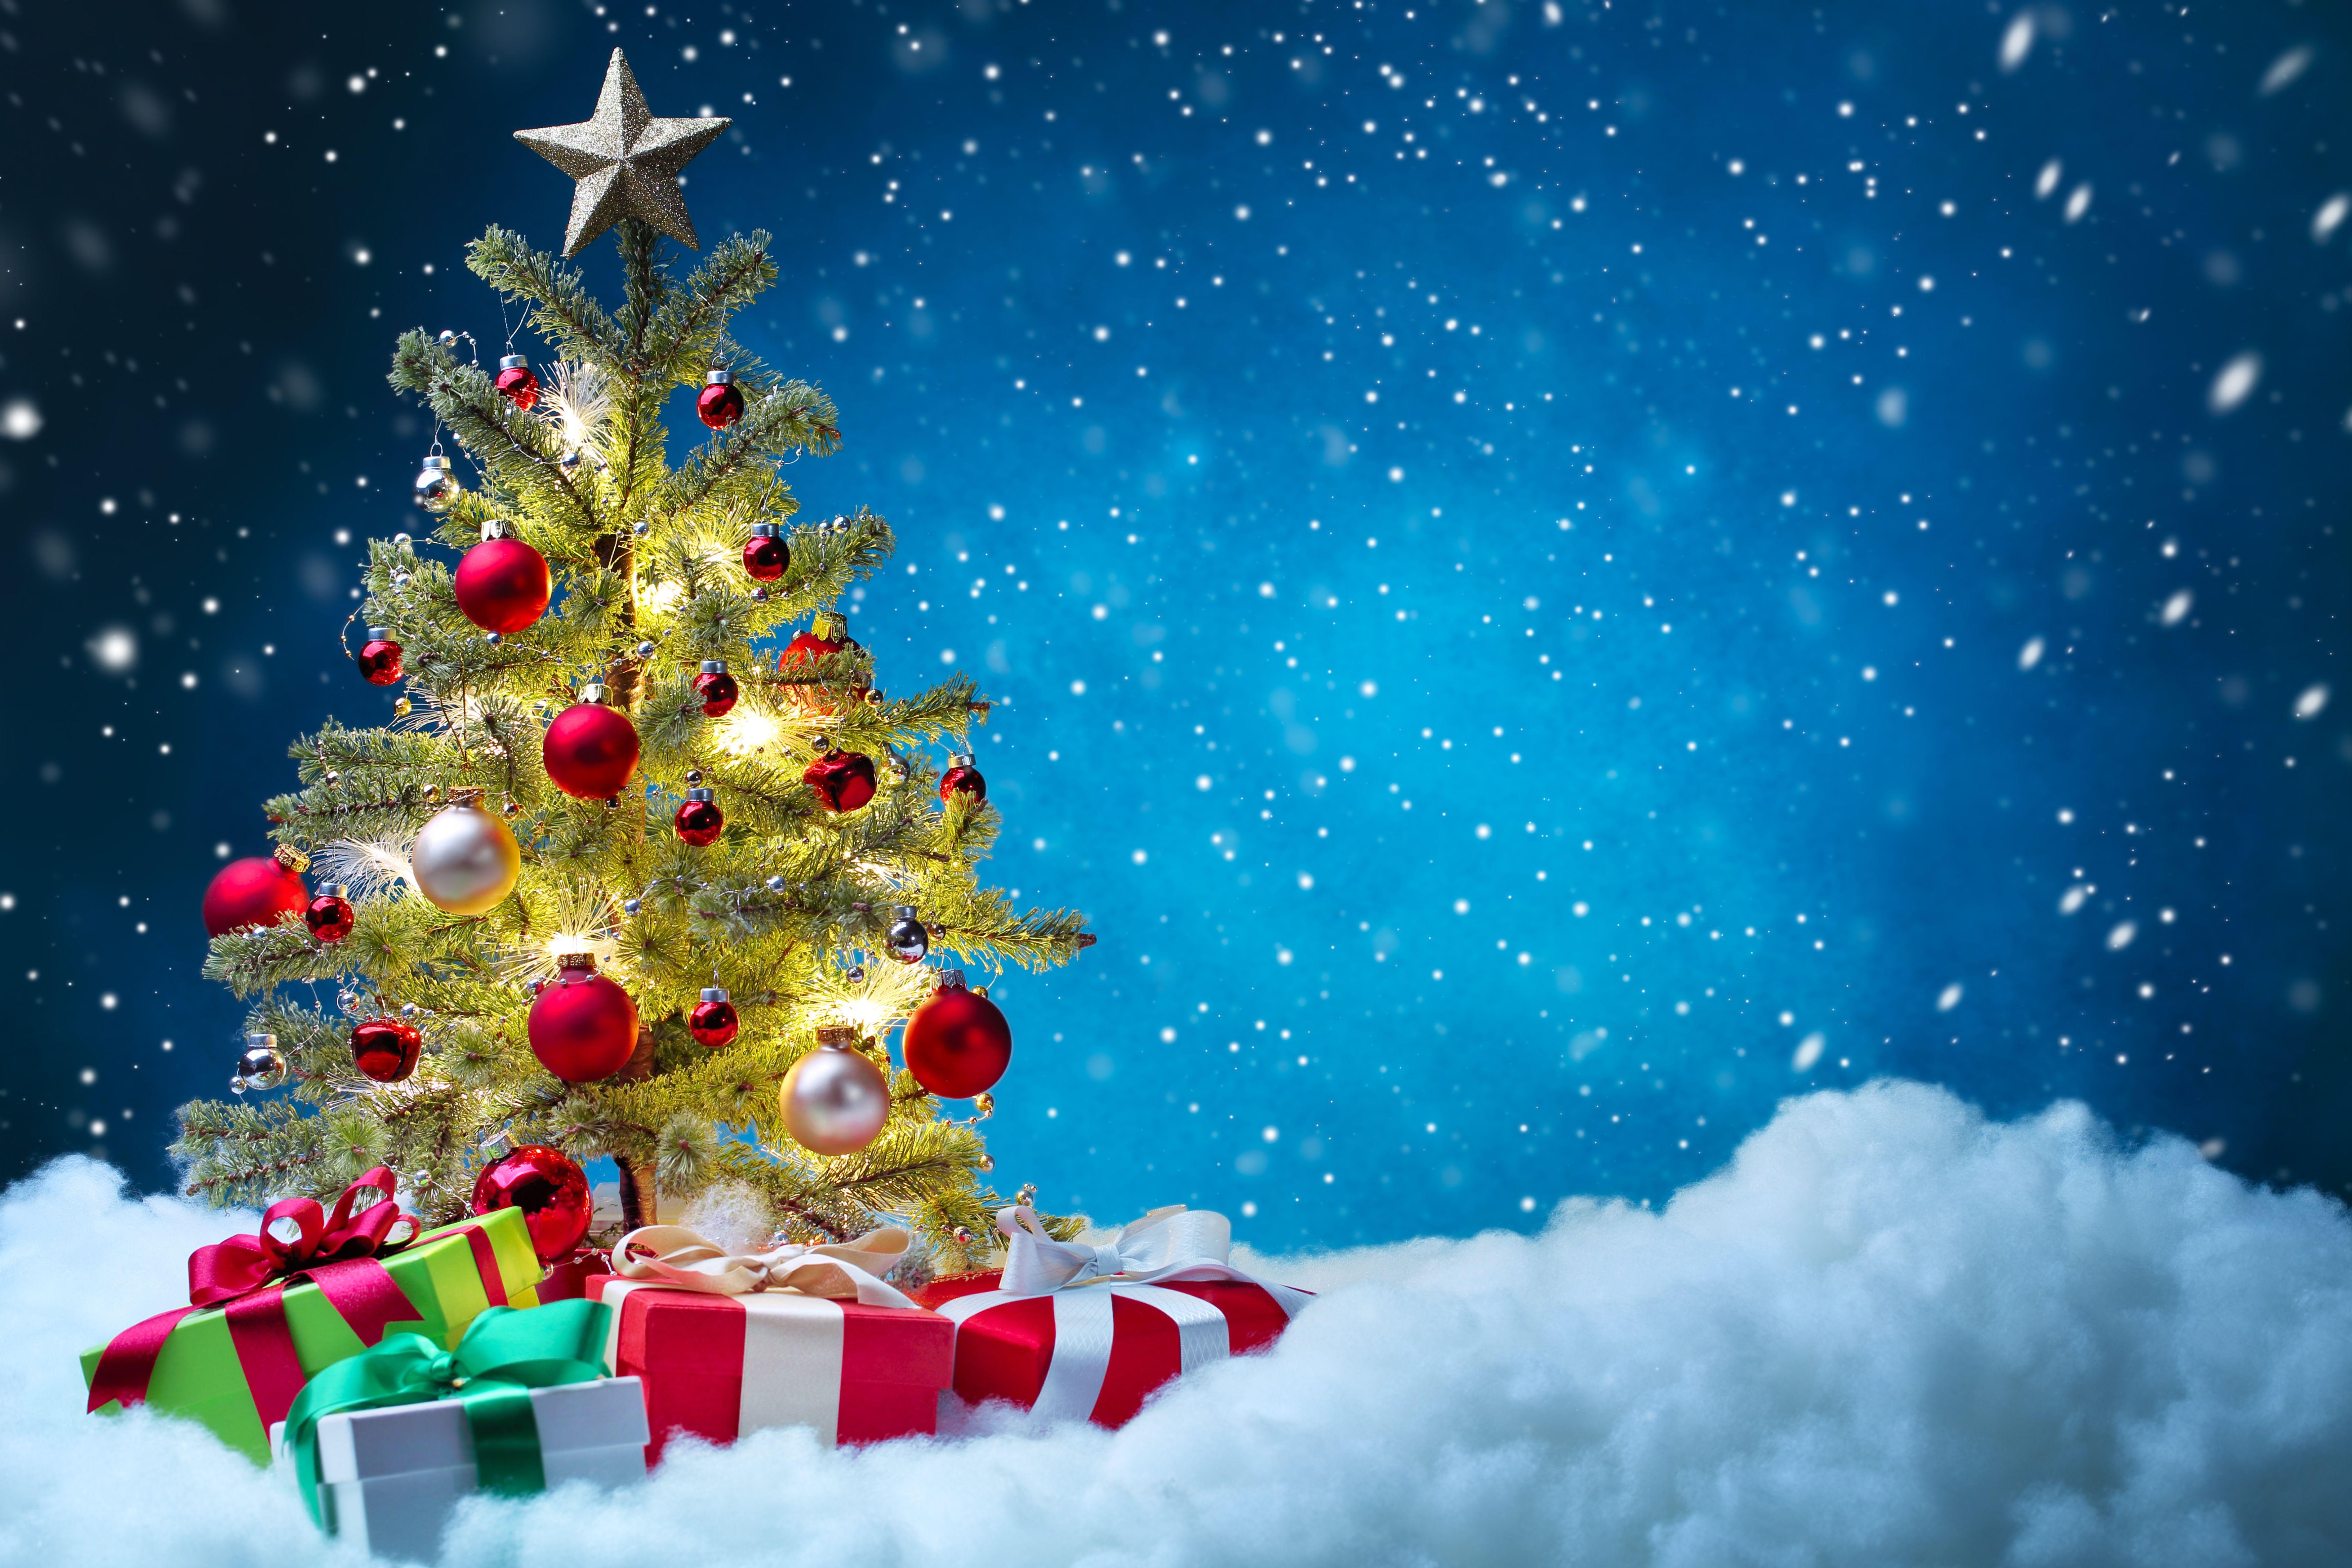 christmas,tree,gift,cartoon,childlike,holiday,celebration